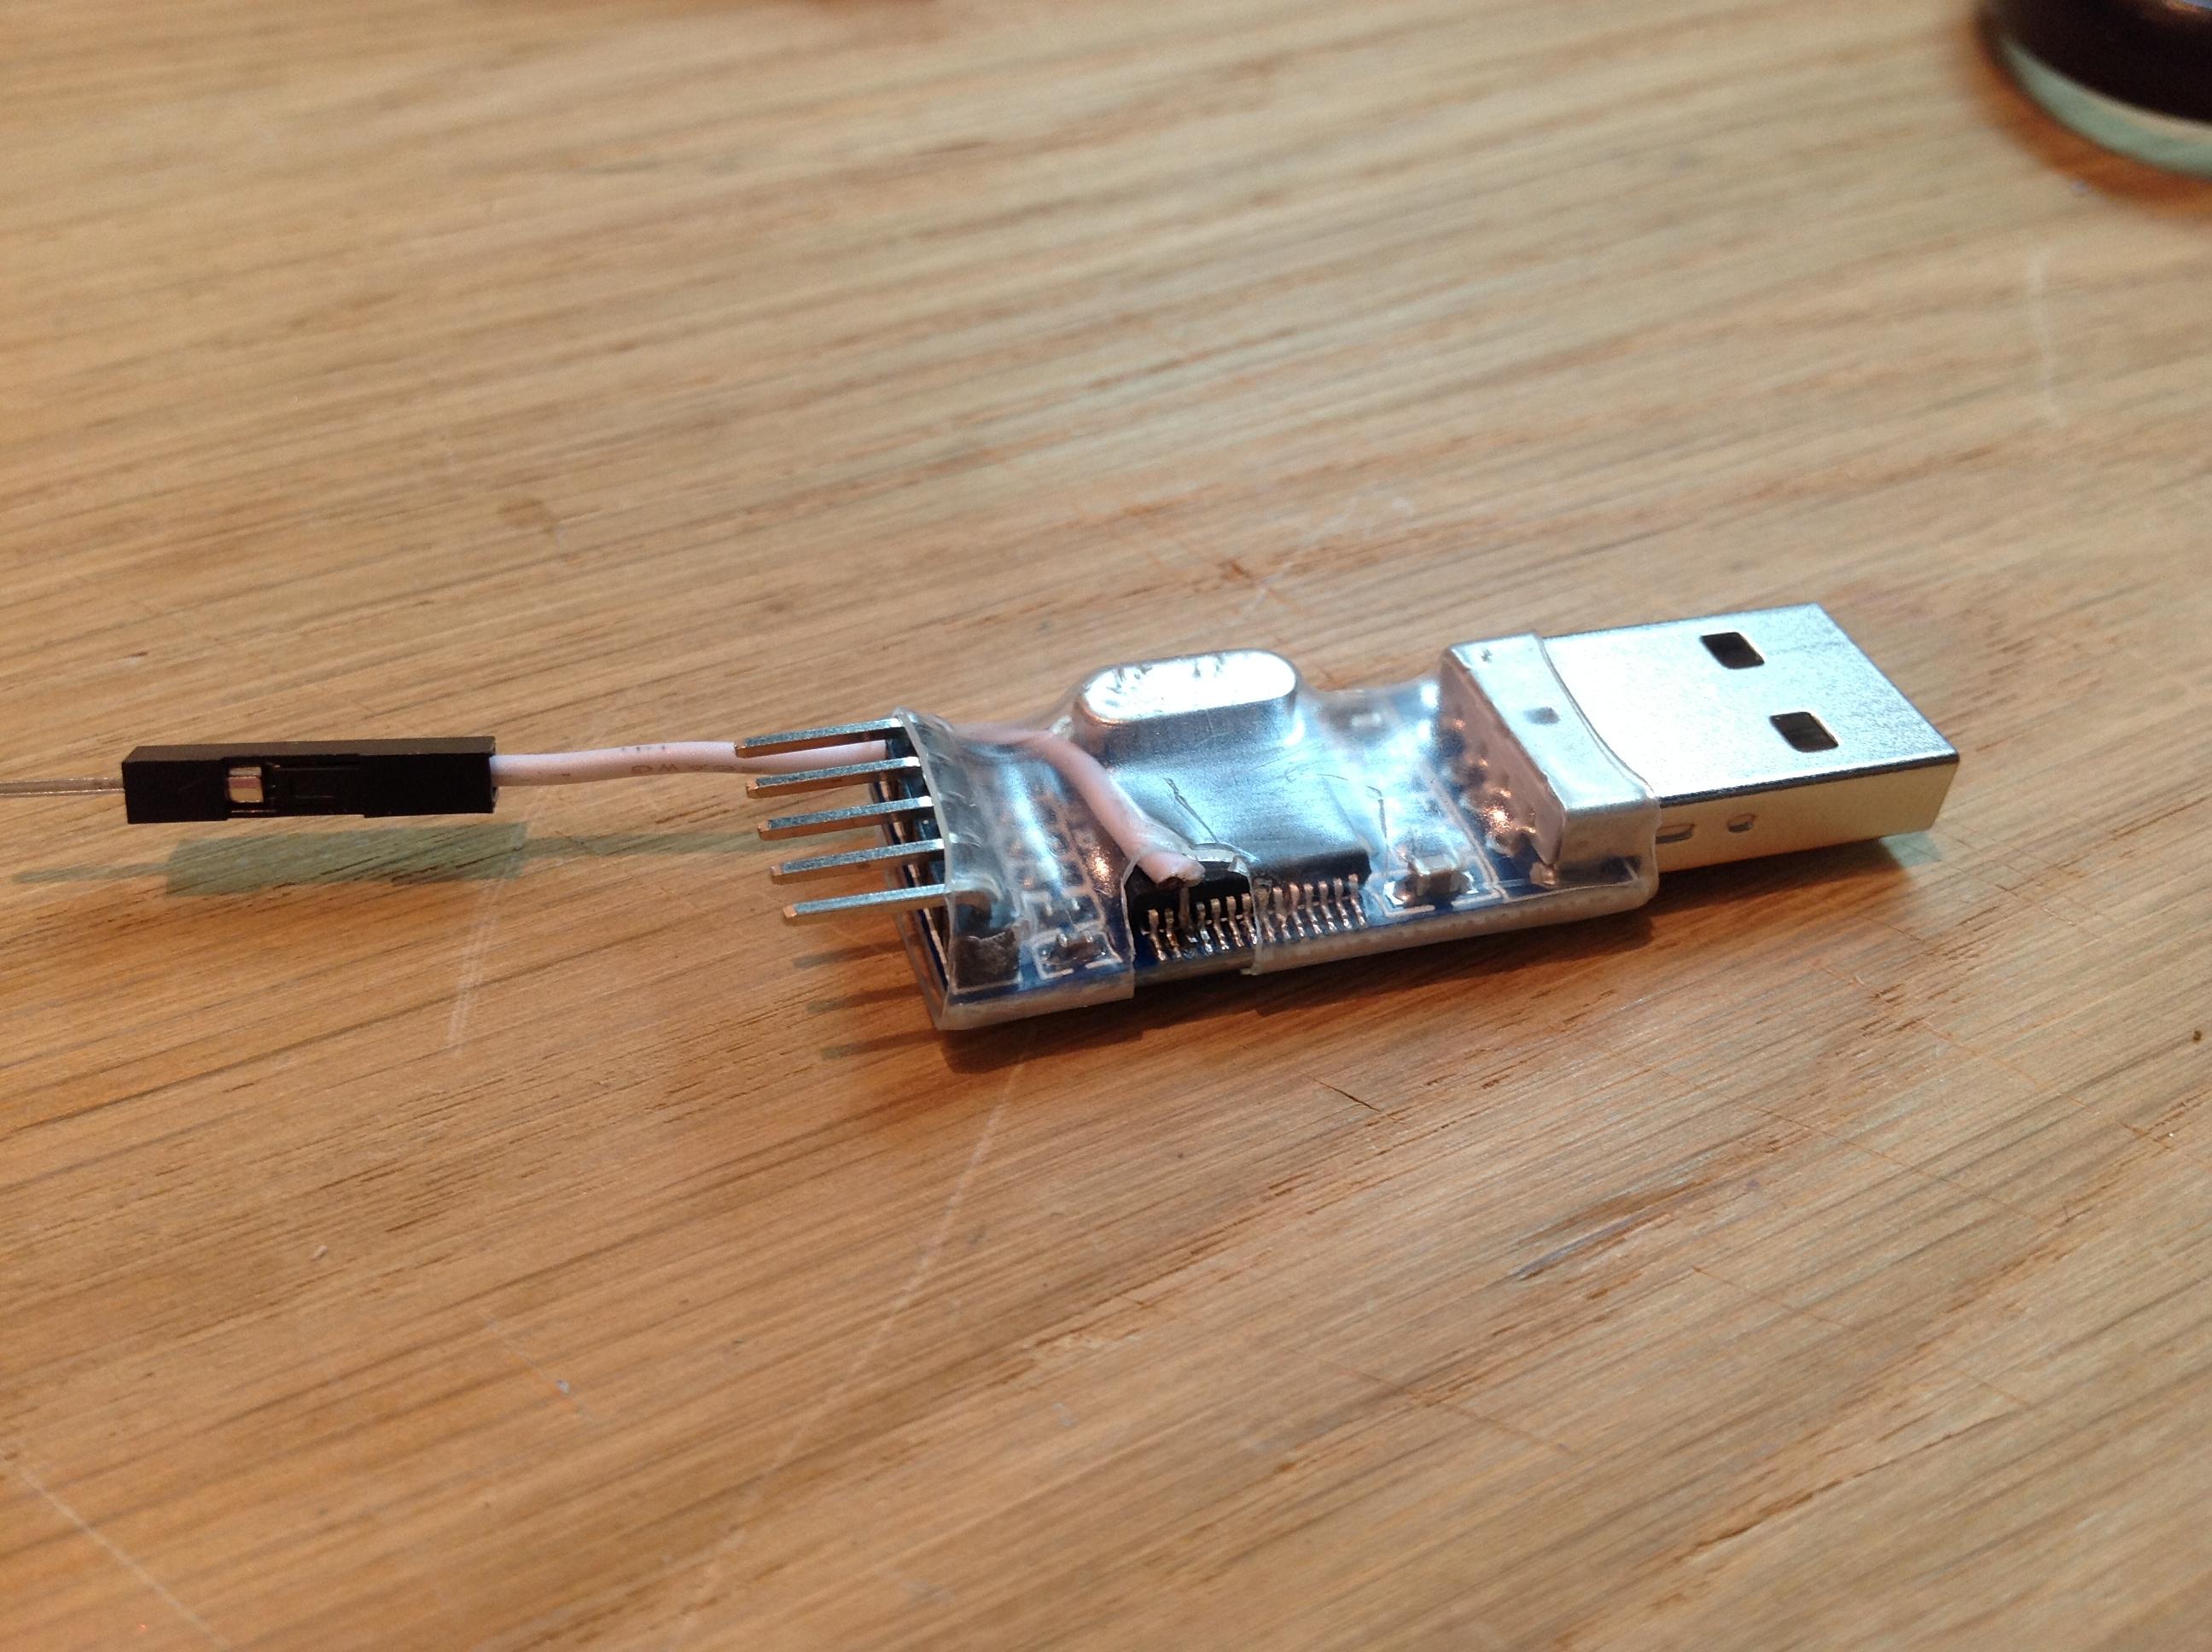 Загрузка arduino pro mini с использованием pl hx usb